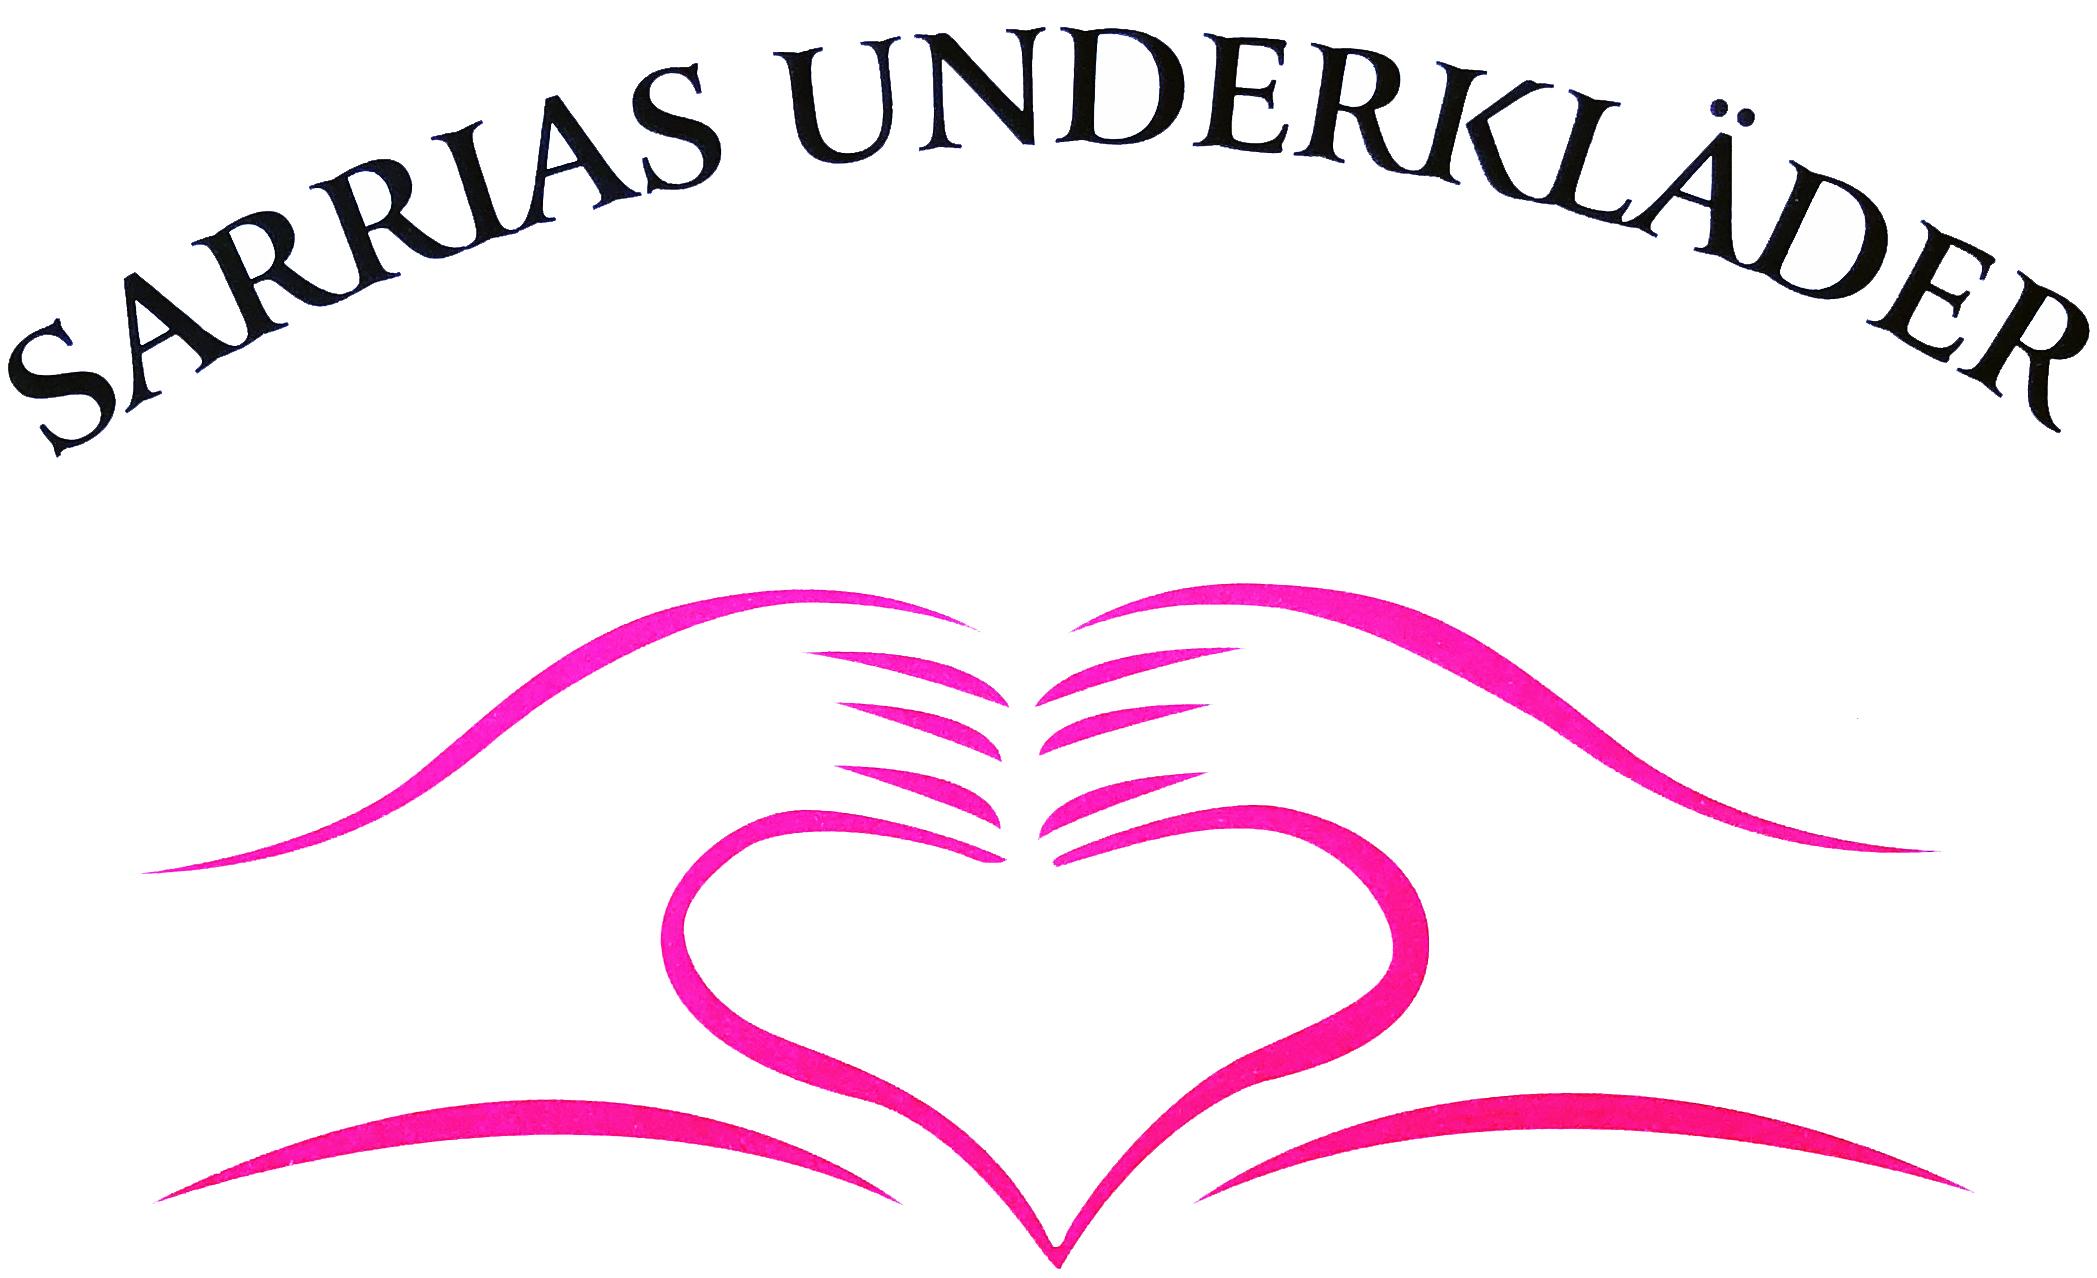 Sarrias underkläder